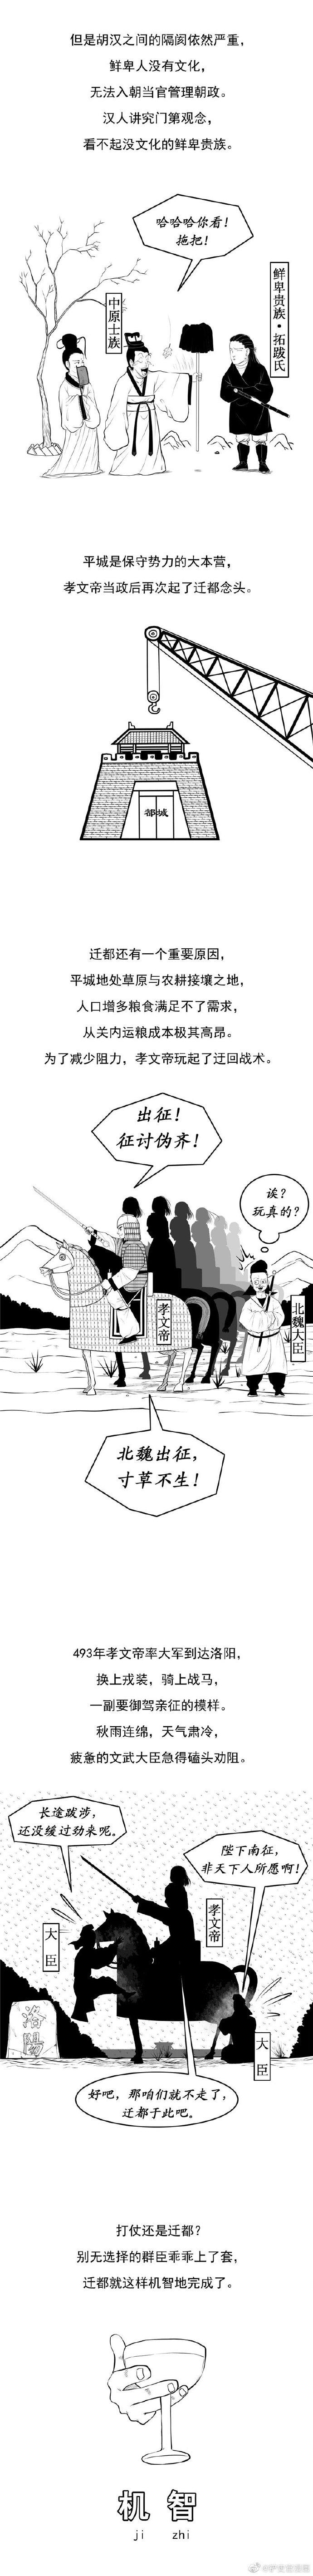 鲜卑拓跋氏为何能统治北方百余年?